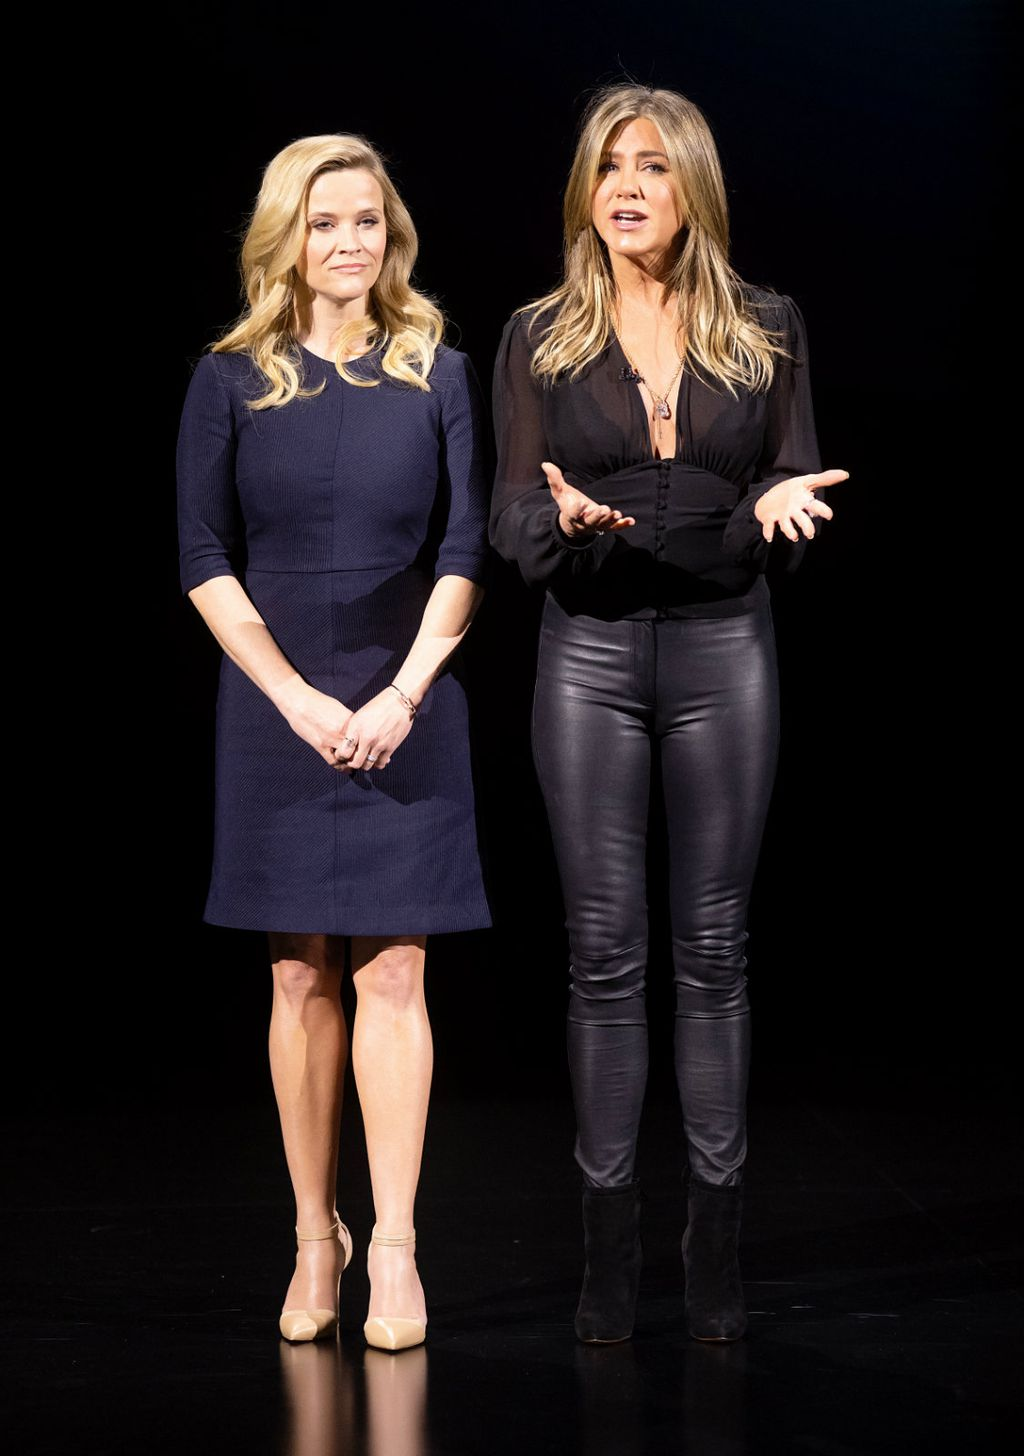 Jennifer u klasičnim kožnatim hlačama na predstavljanju svoje nove serije